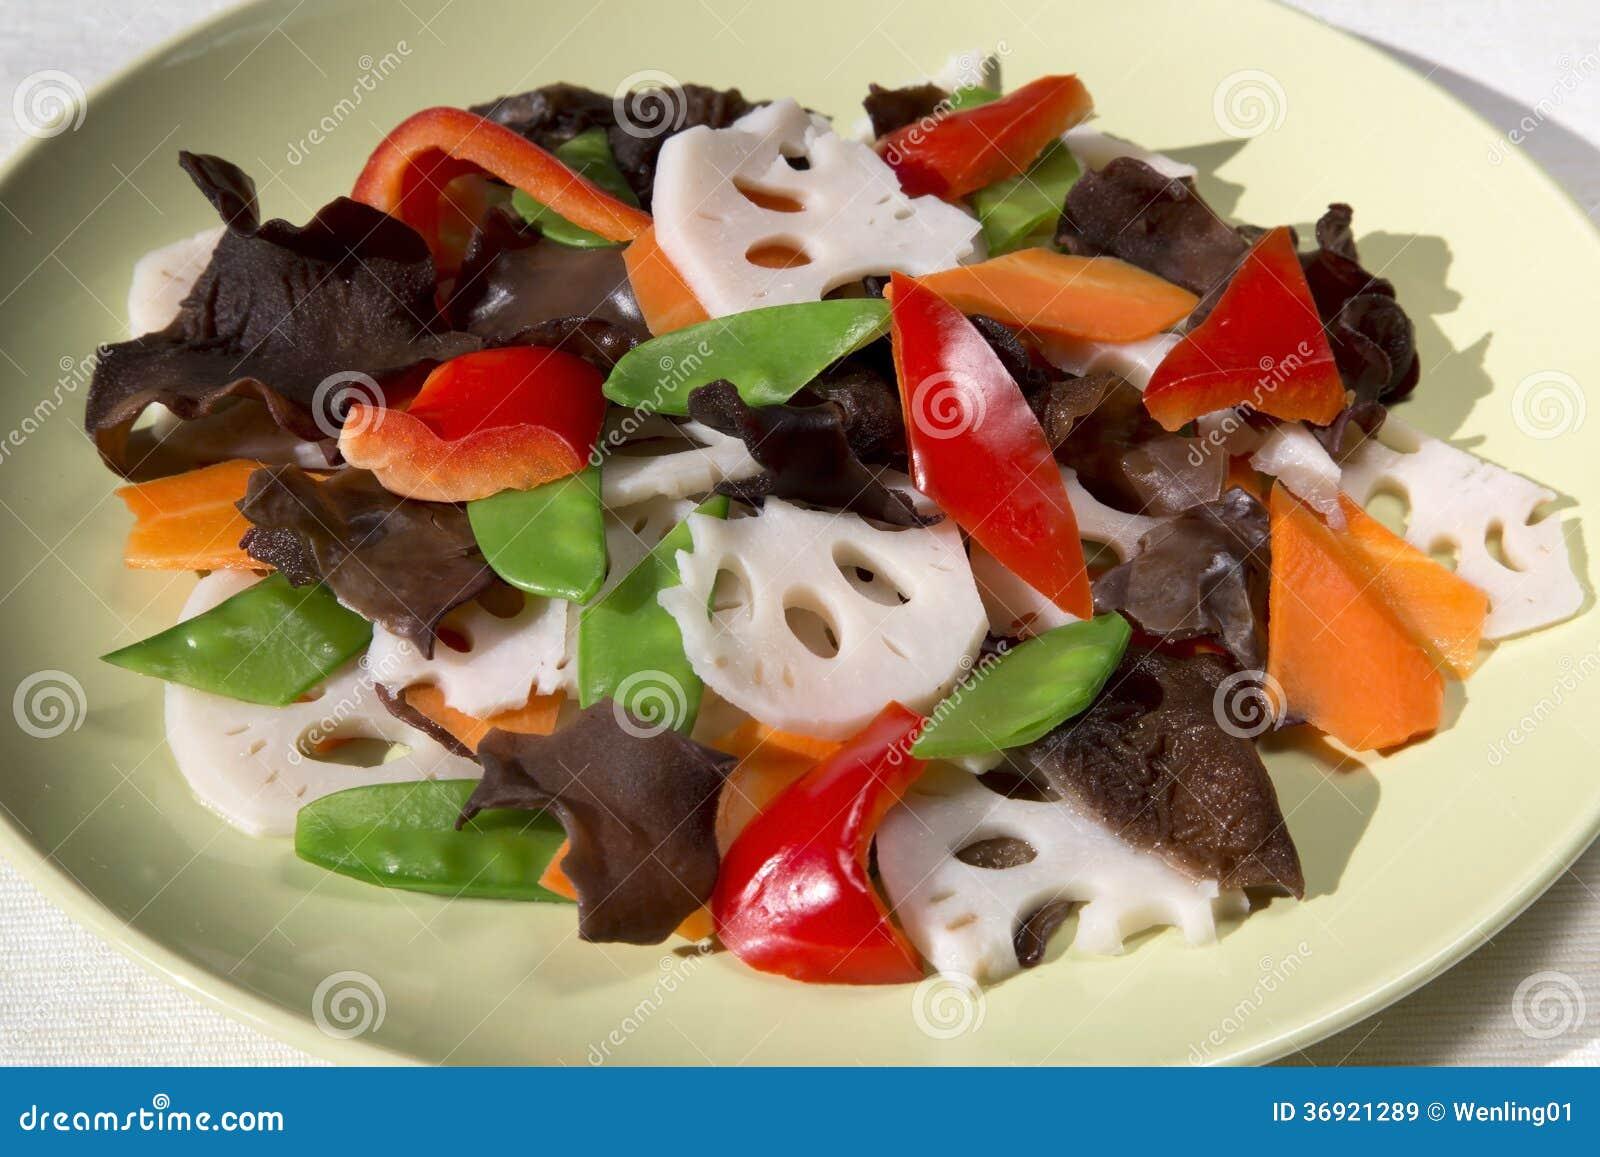 Wyśmienicie dłoniaków warzywa